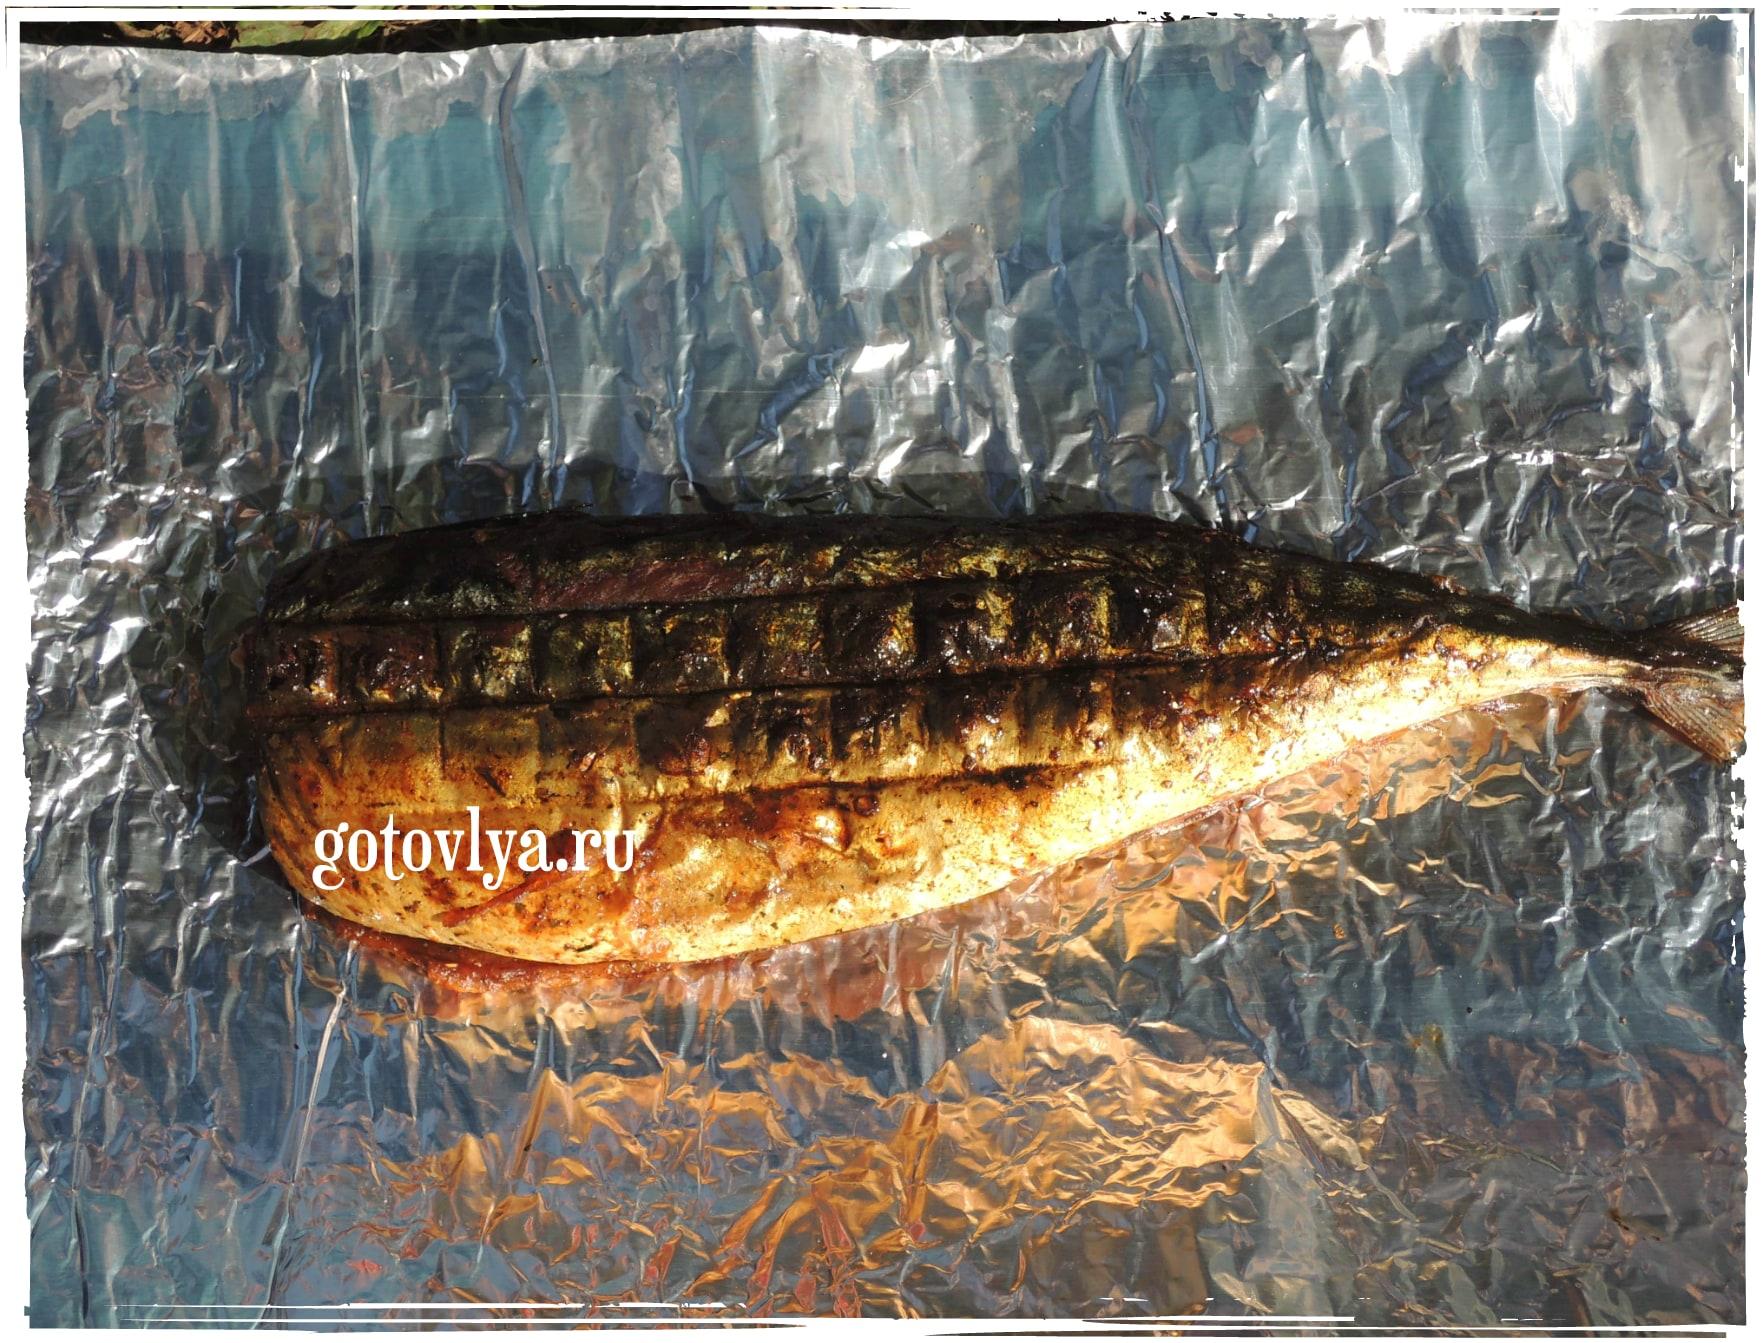 Рыба на гриле рецепт с фото